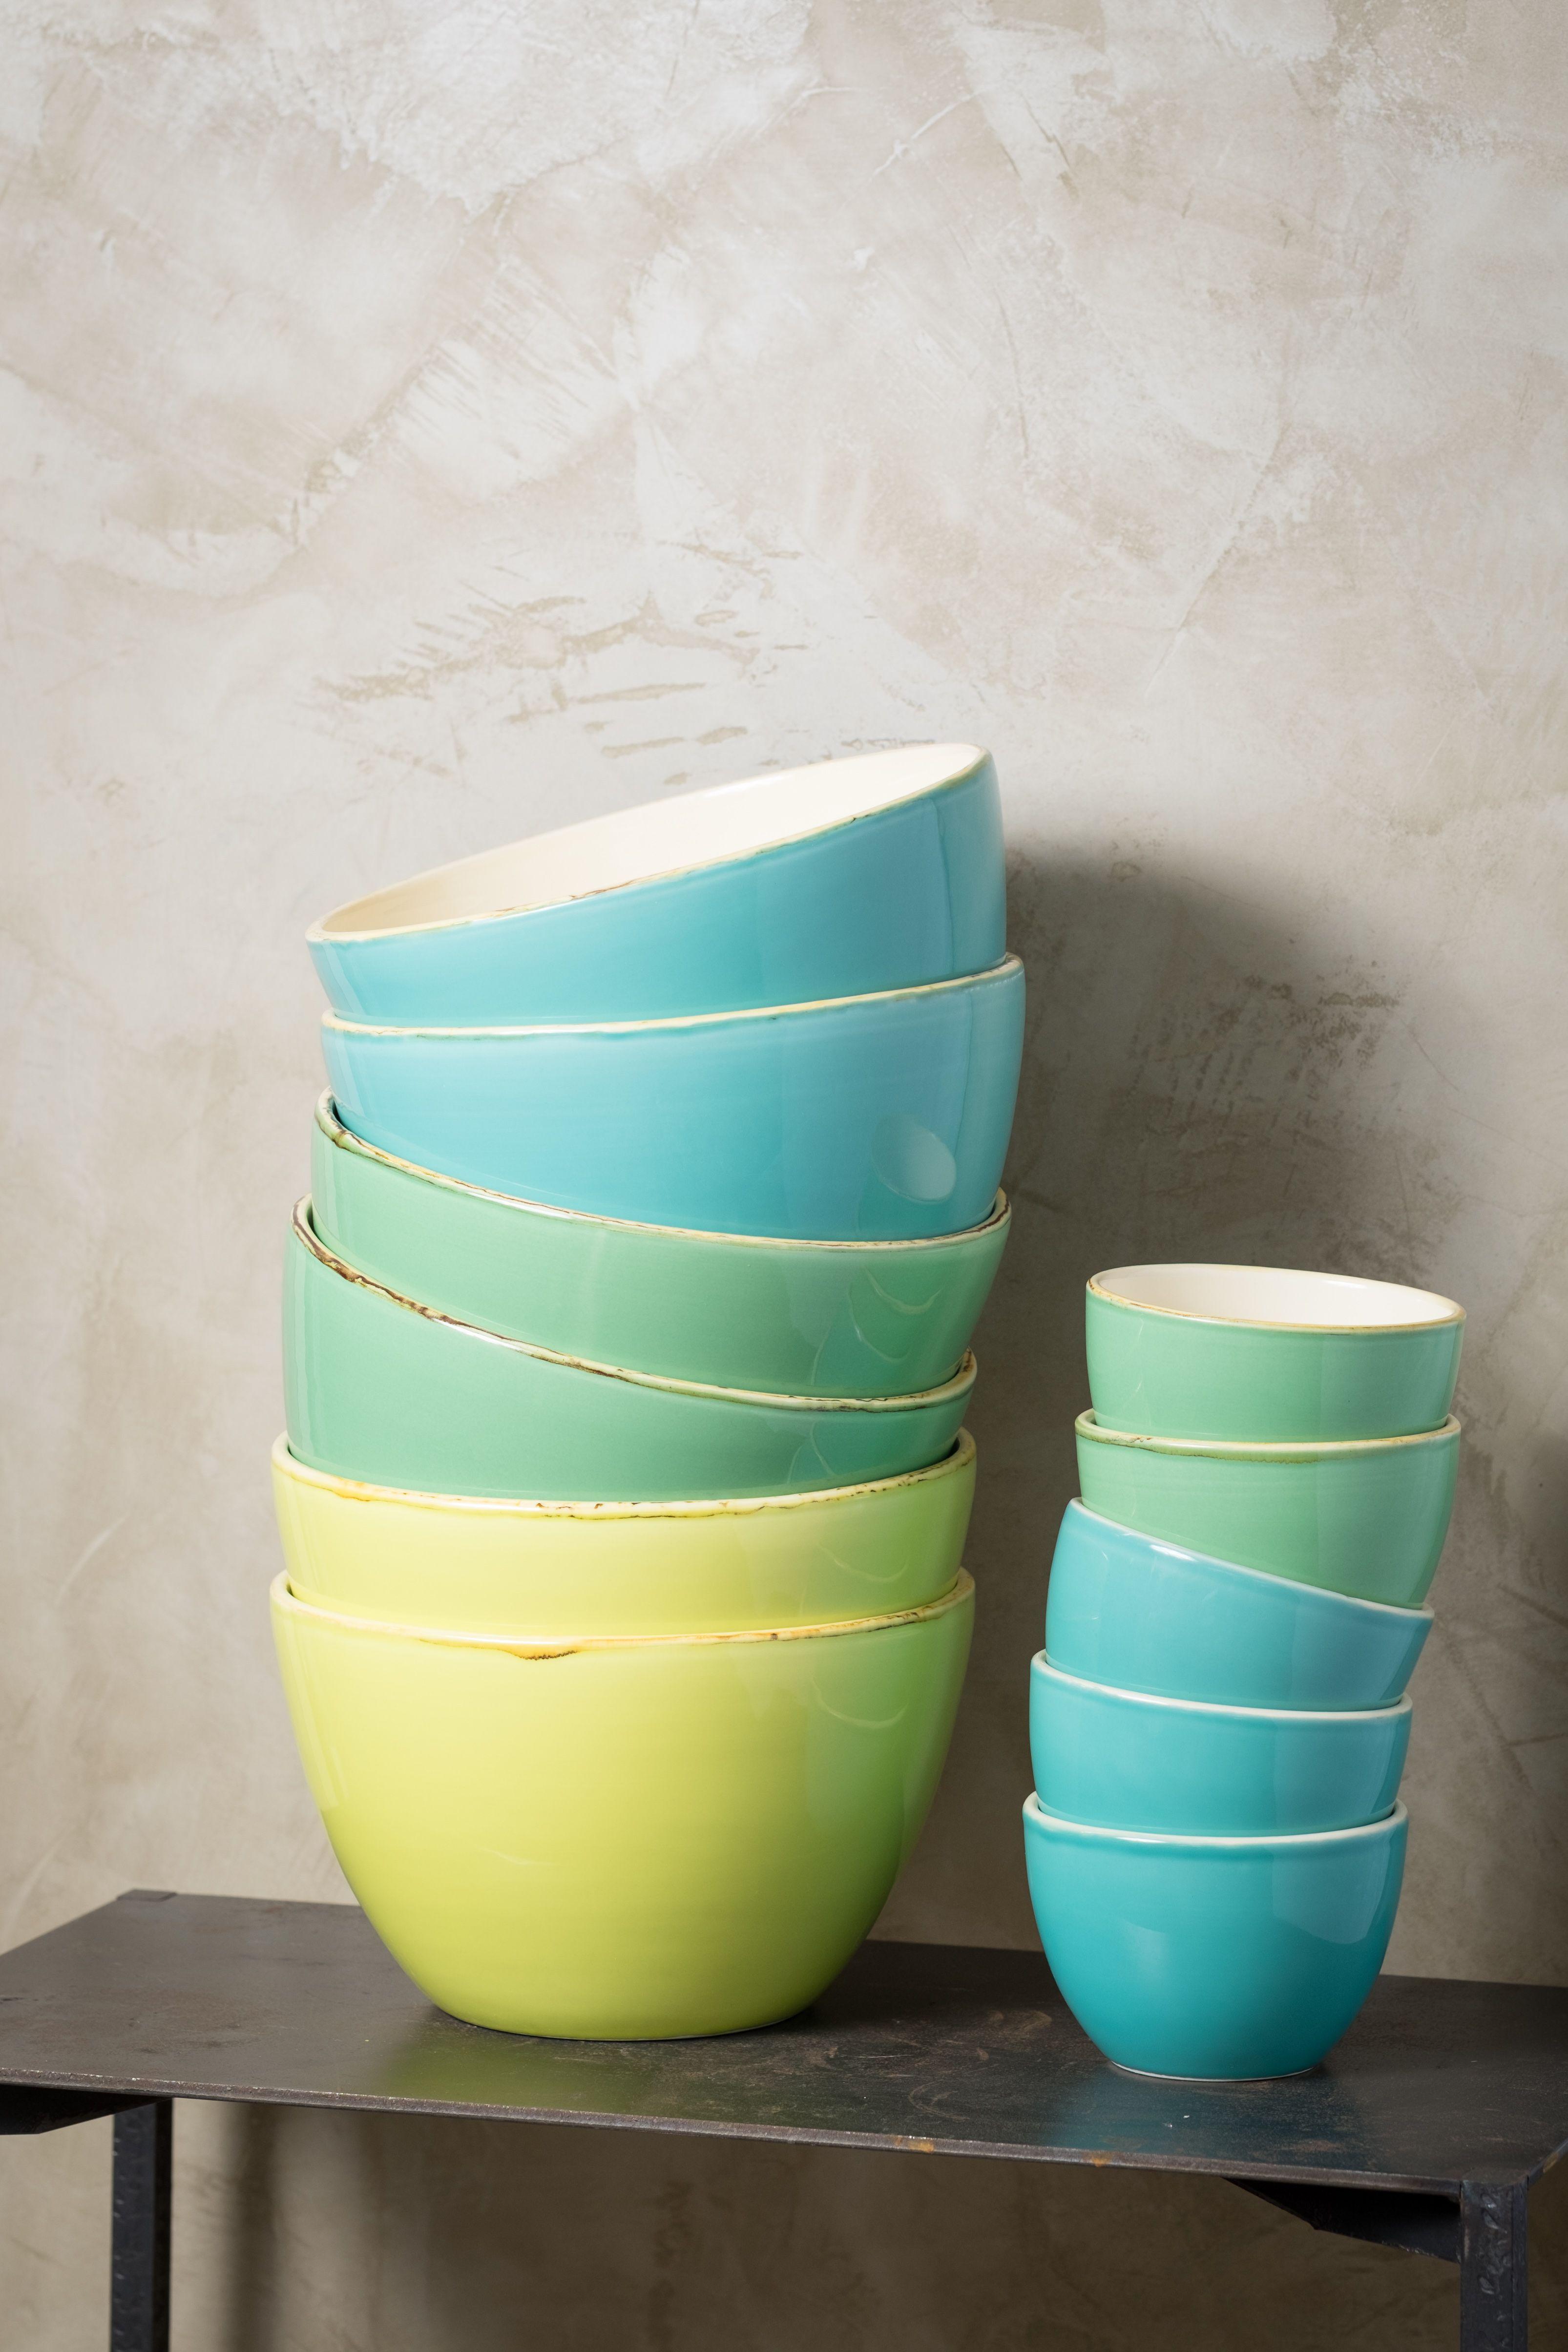 Schalen / Küche / Wohnzimmer / Gelb / Blau / Grün / Modern / Multicolored  Bowls